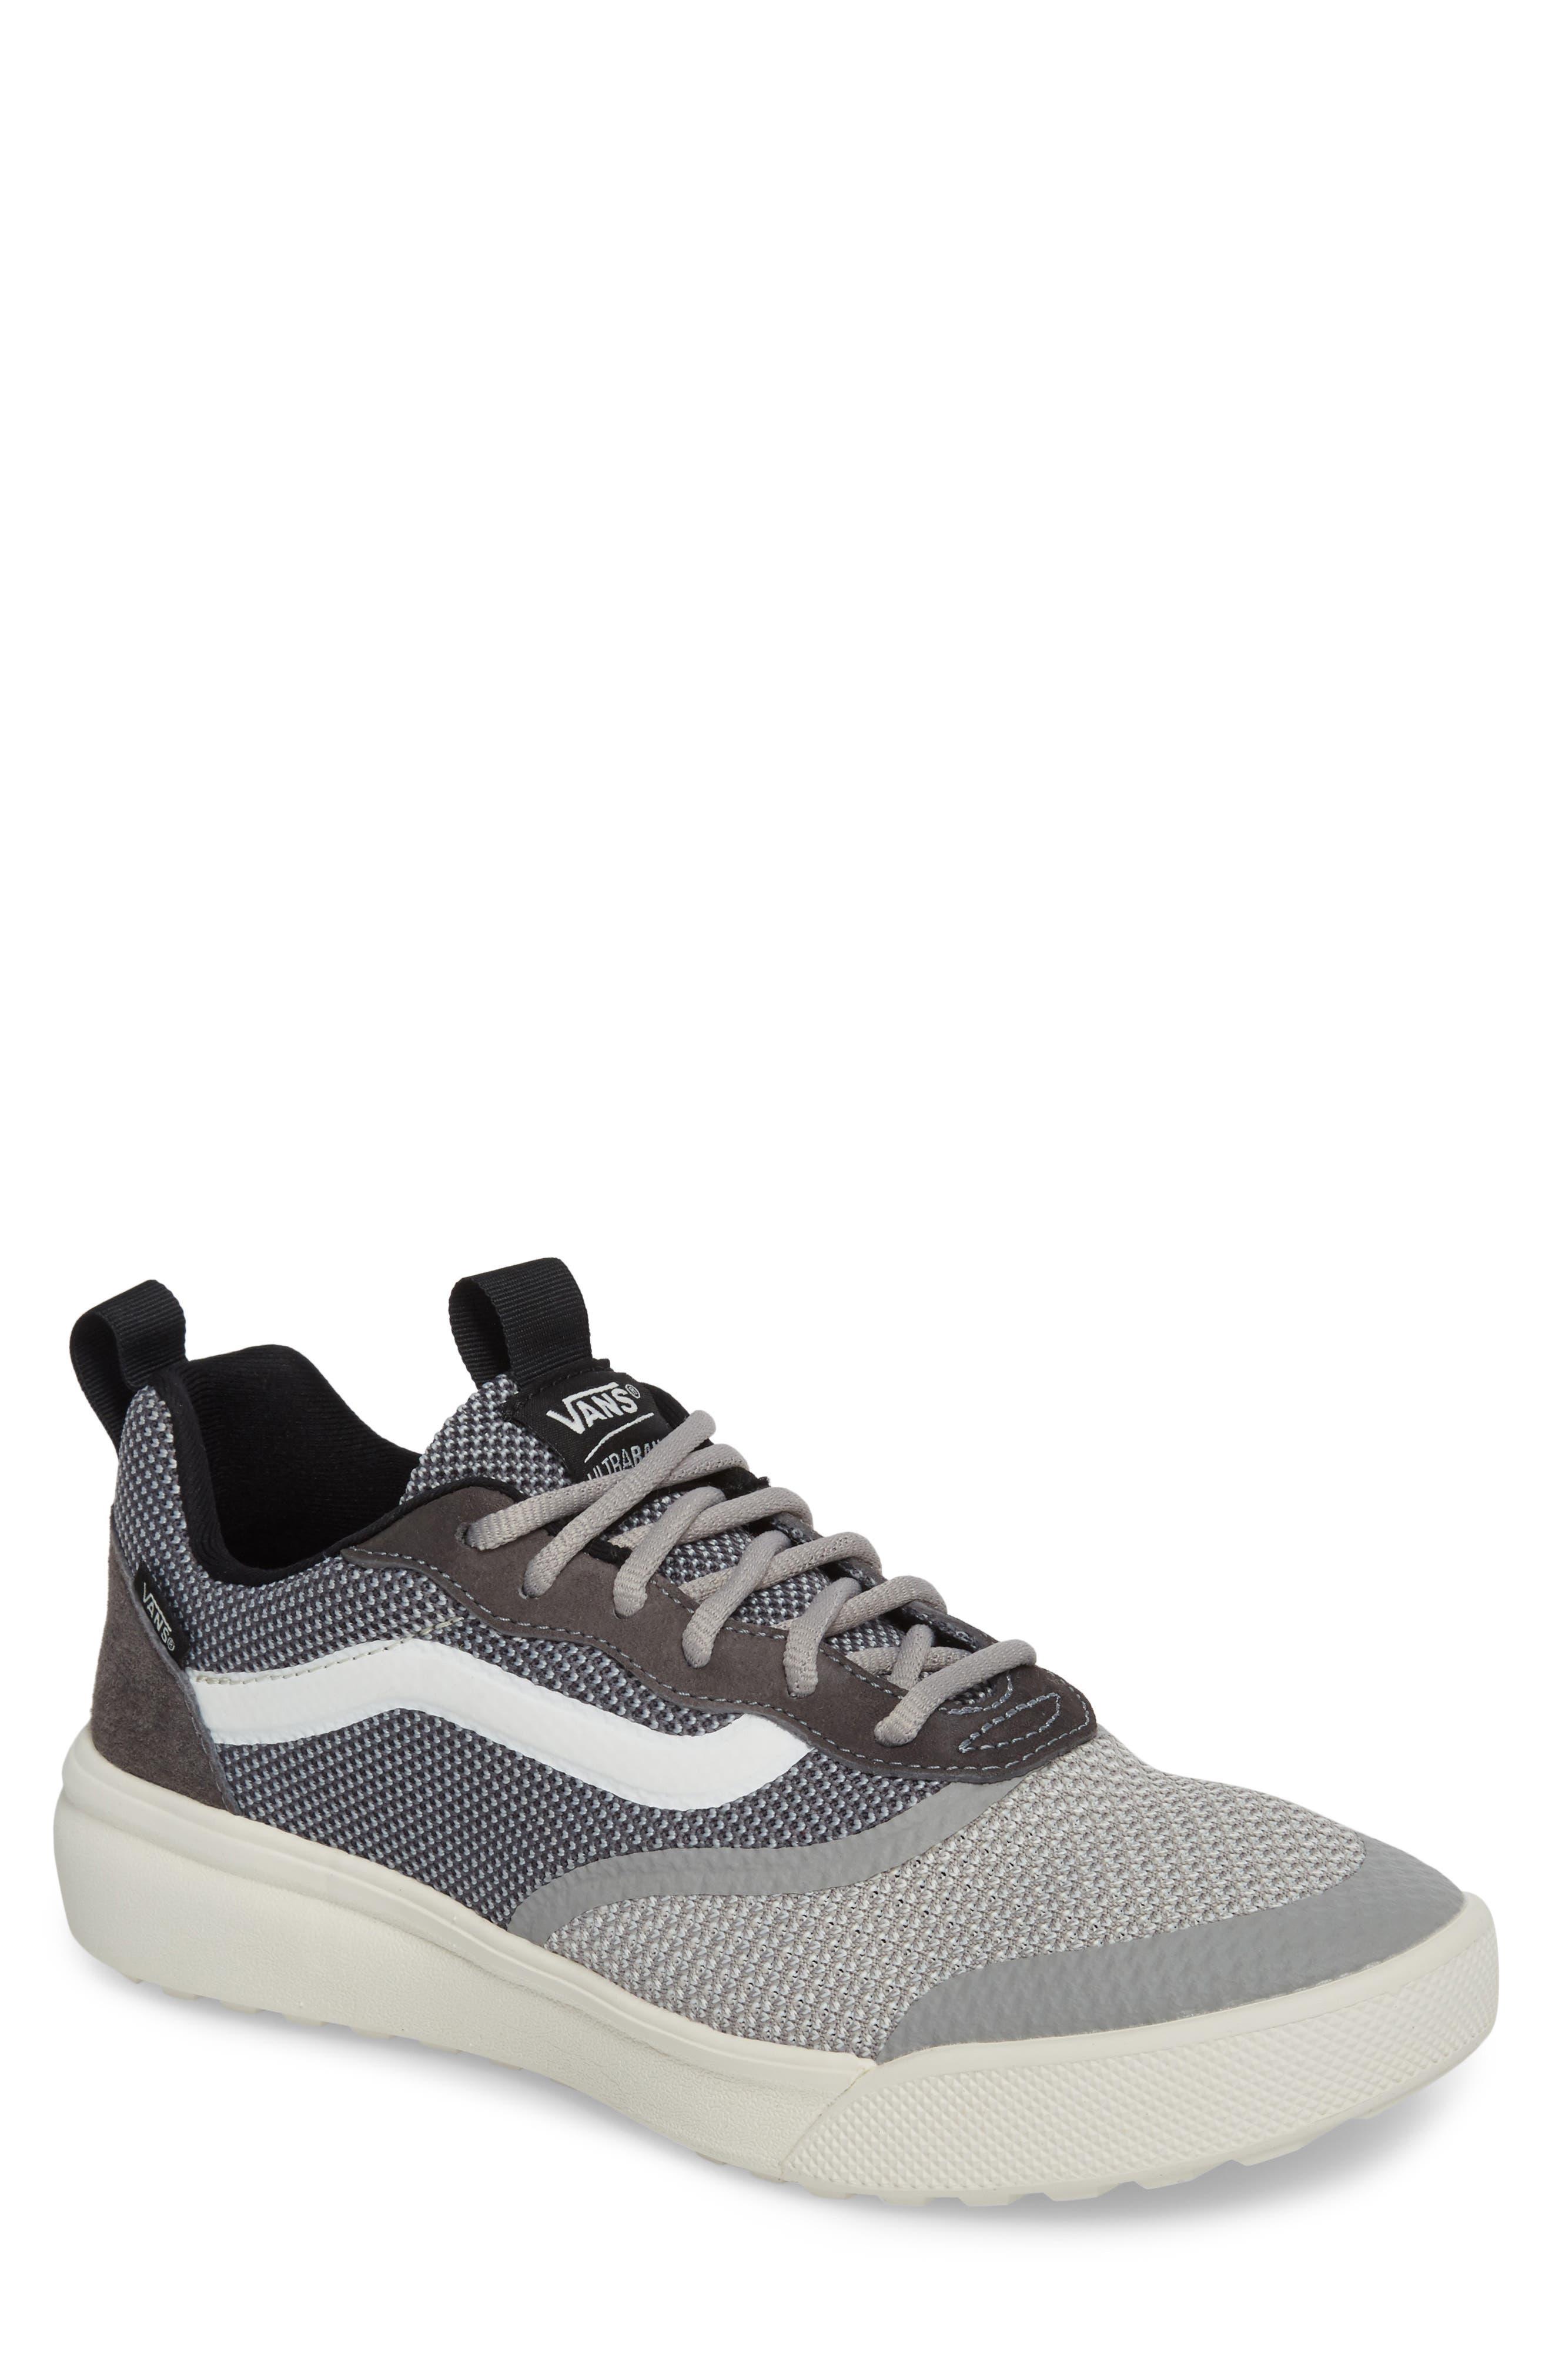 Vans UltraRange DX Low Top Sneaker (Men)